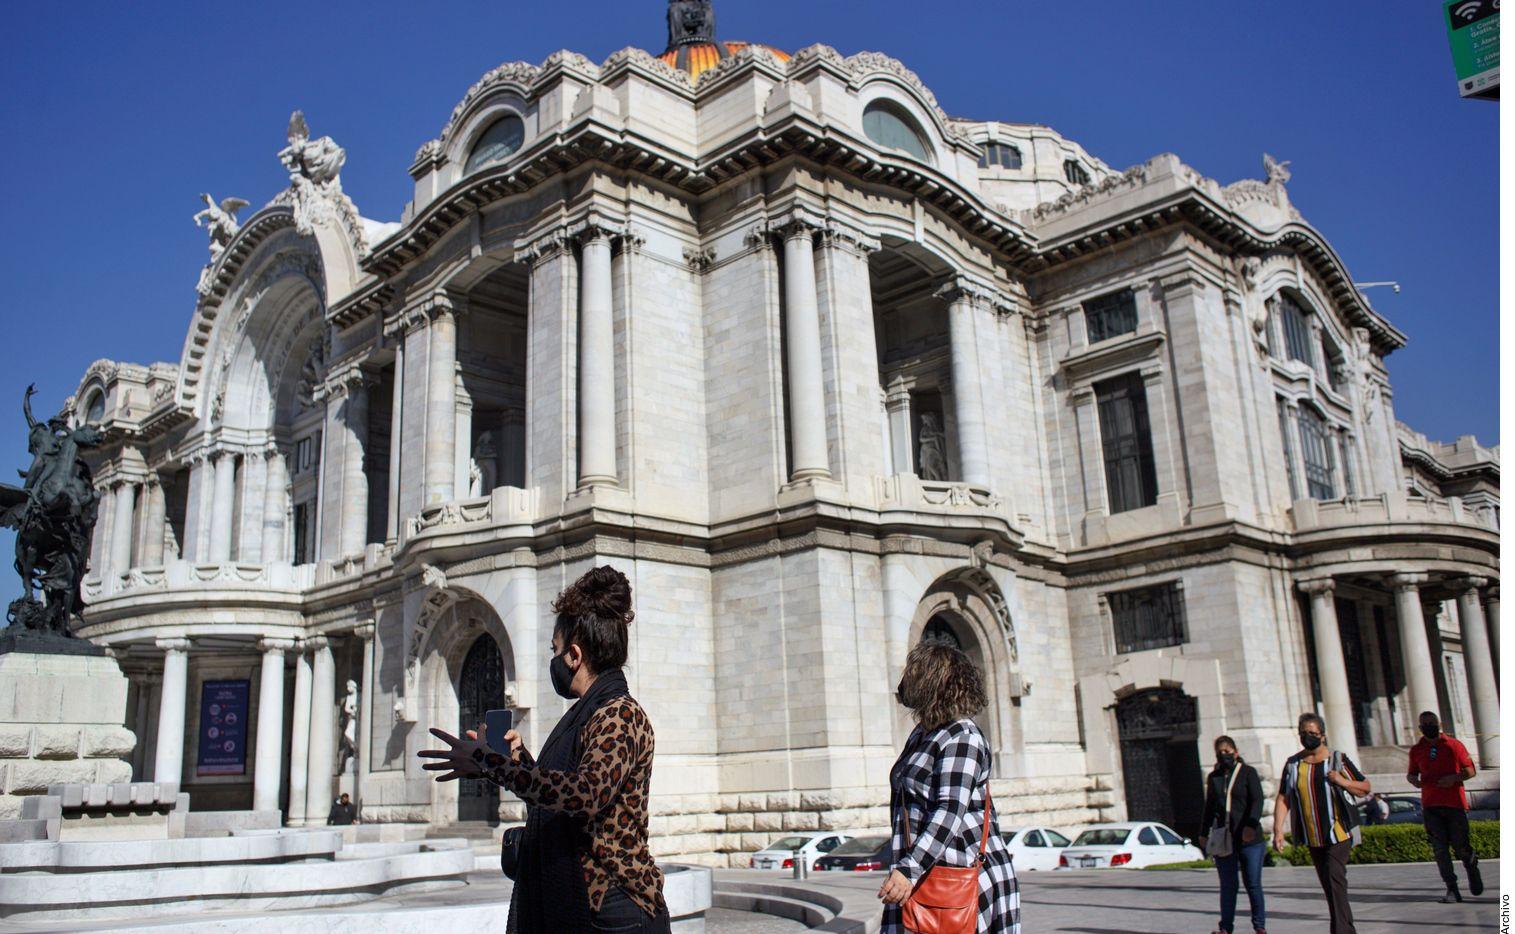 Un individuo pintó un graffiti en el exterior del Palacio de Bellas Artes de la Ciudad de México.